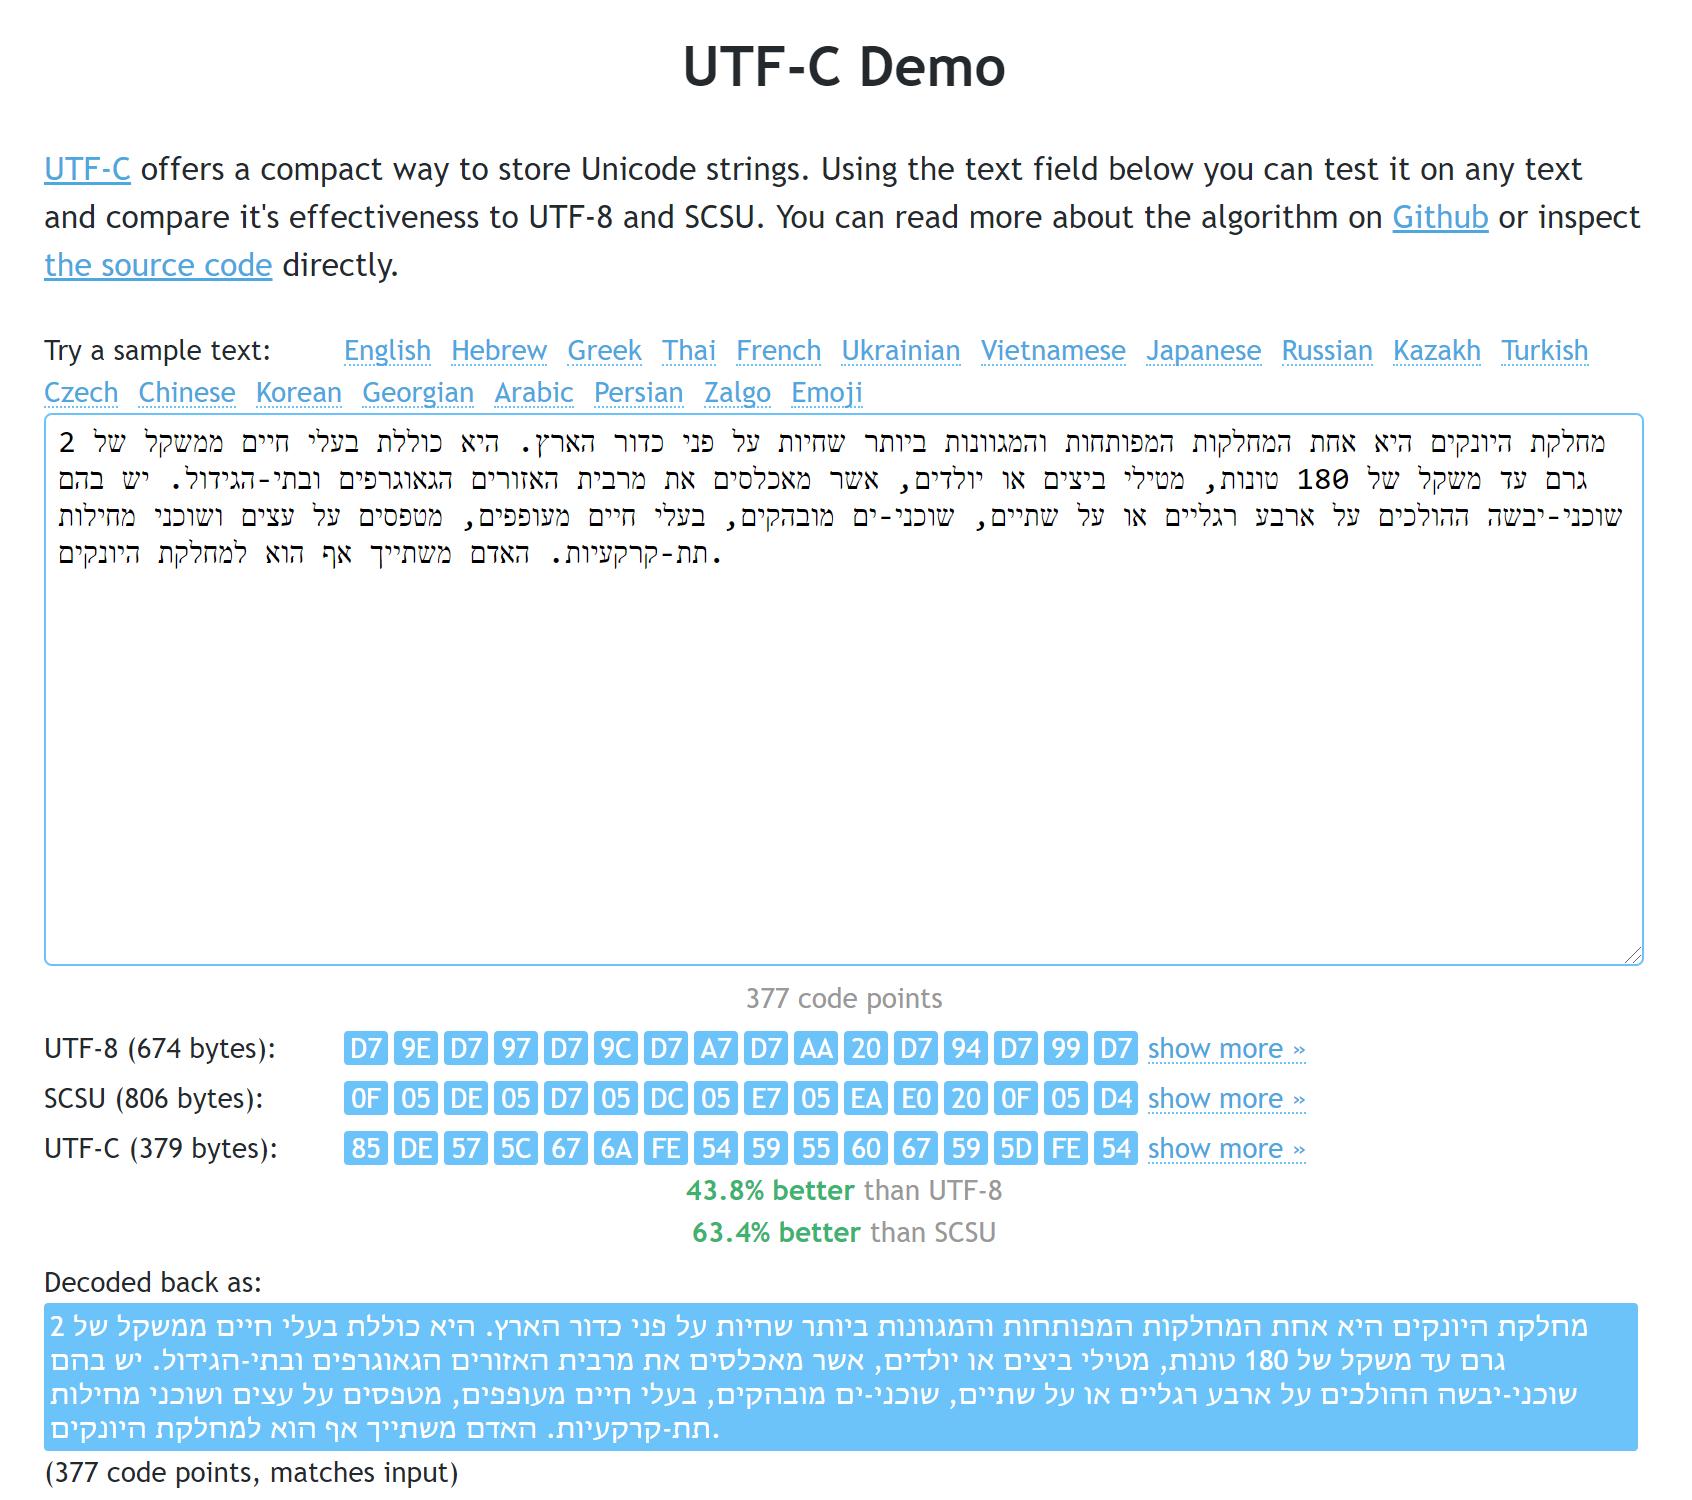 Демонтрационная страница. На примере иврита видны преимущества как перед UTF-8, так и перед SCSU.